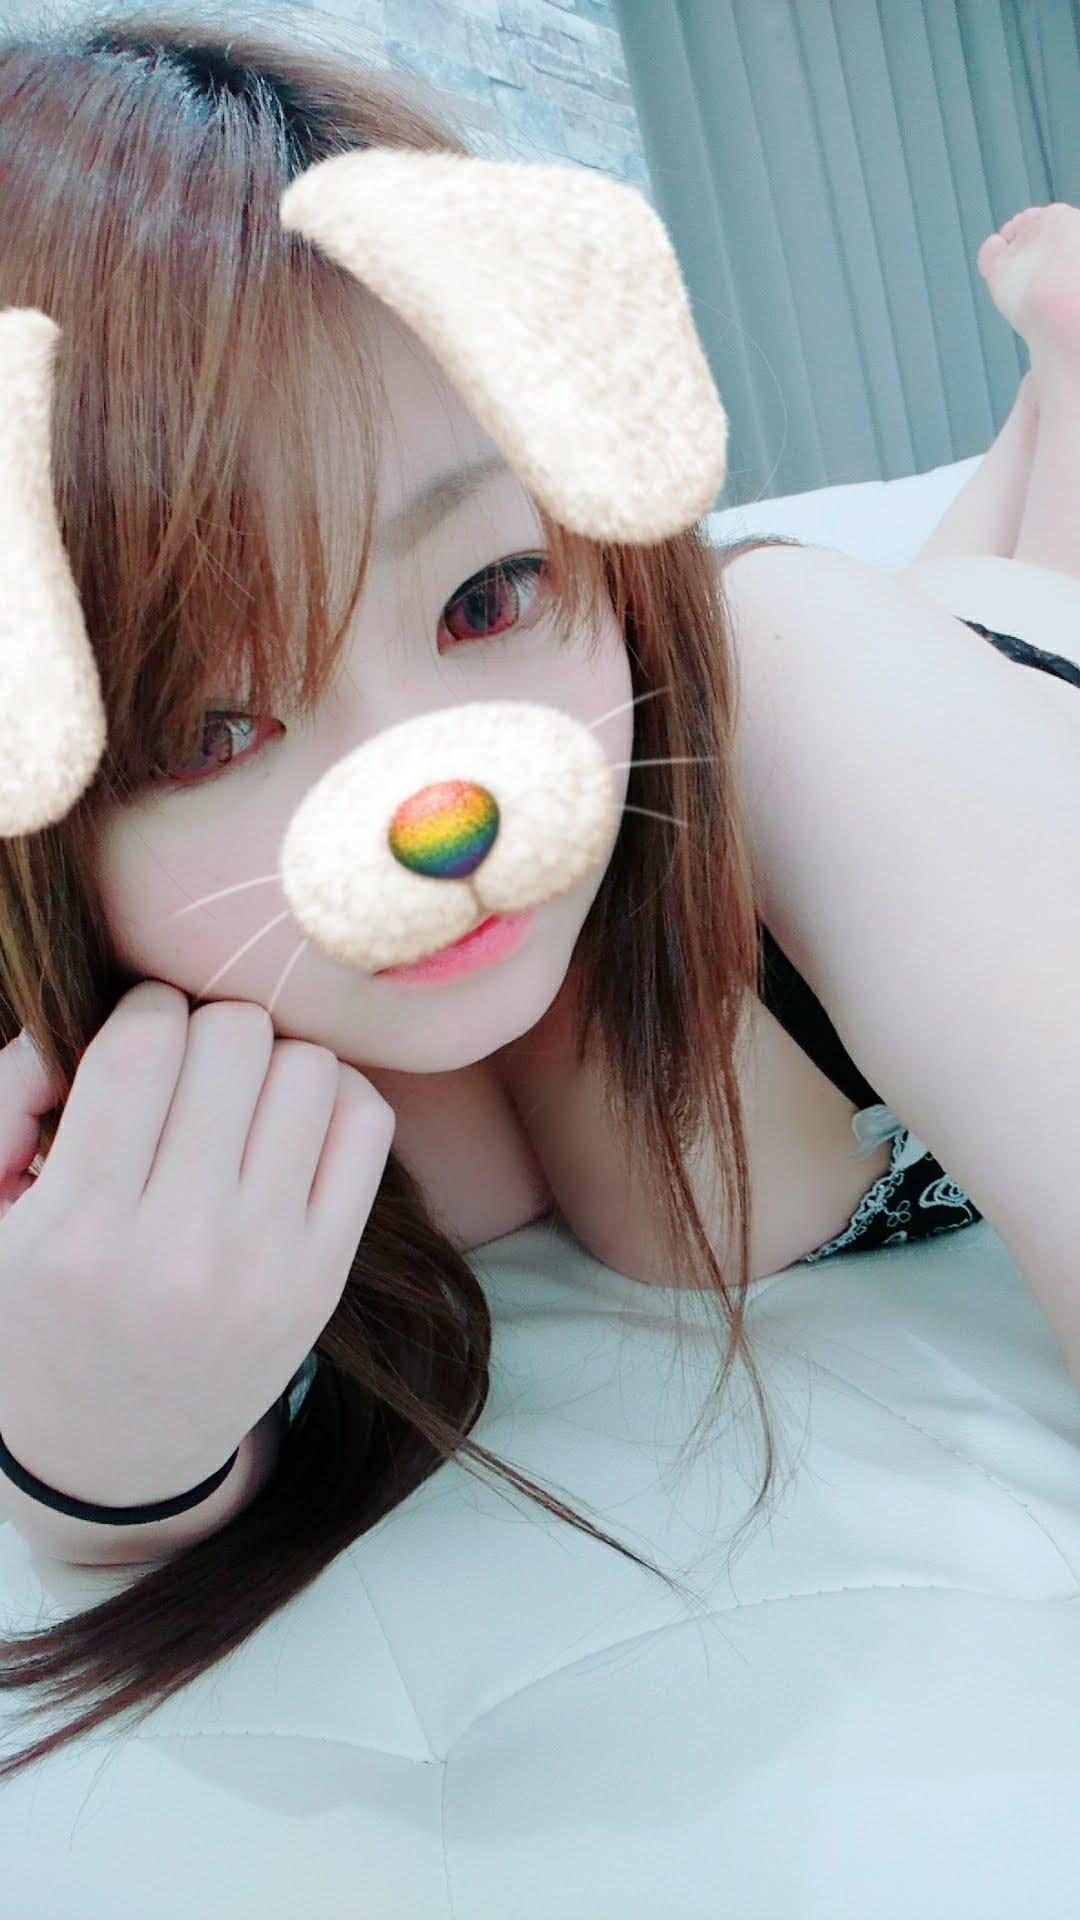 「出勤ー」03/23(03/23) 18:19 | 琴音(ことね)の写メ・風俗動画